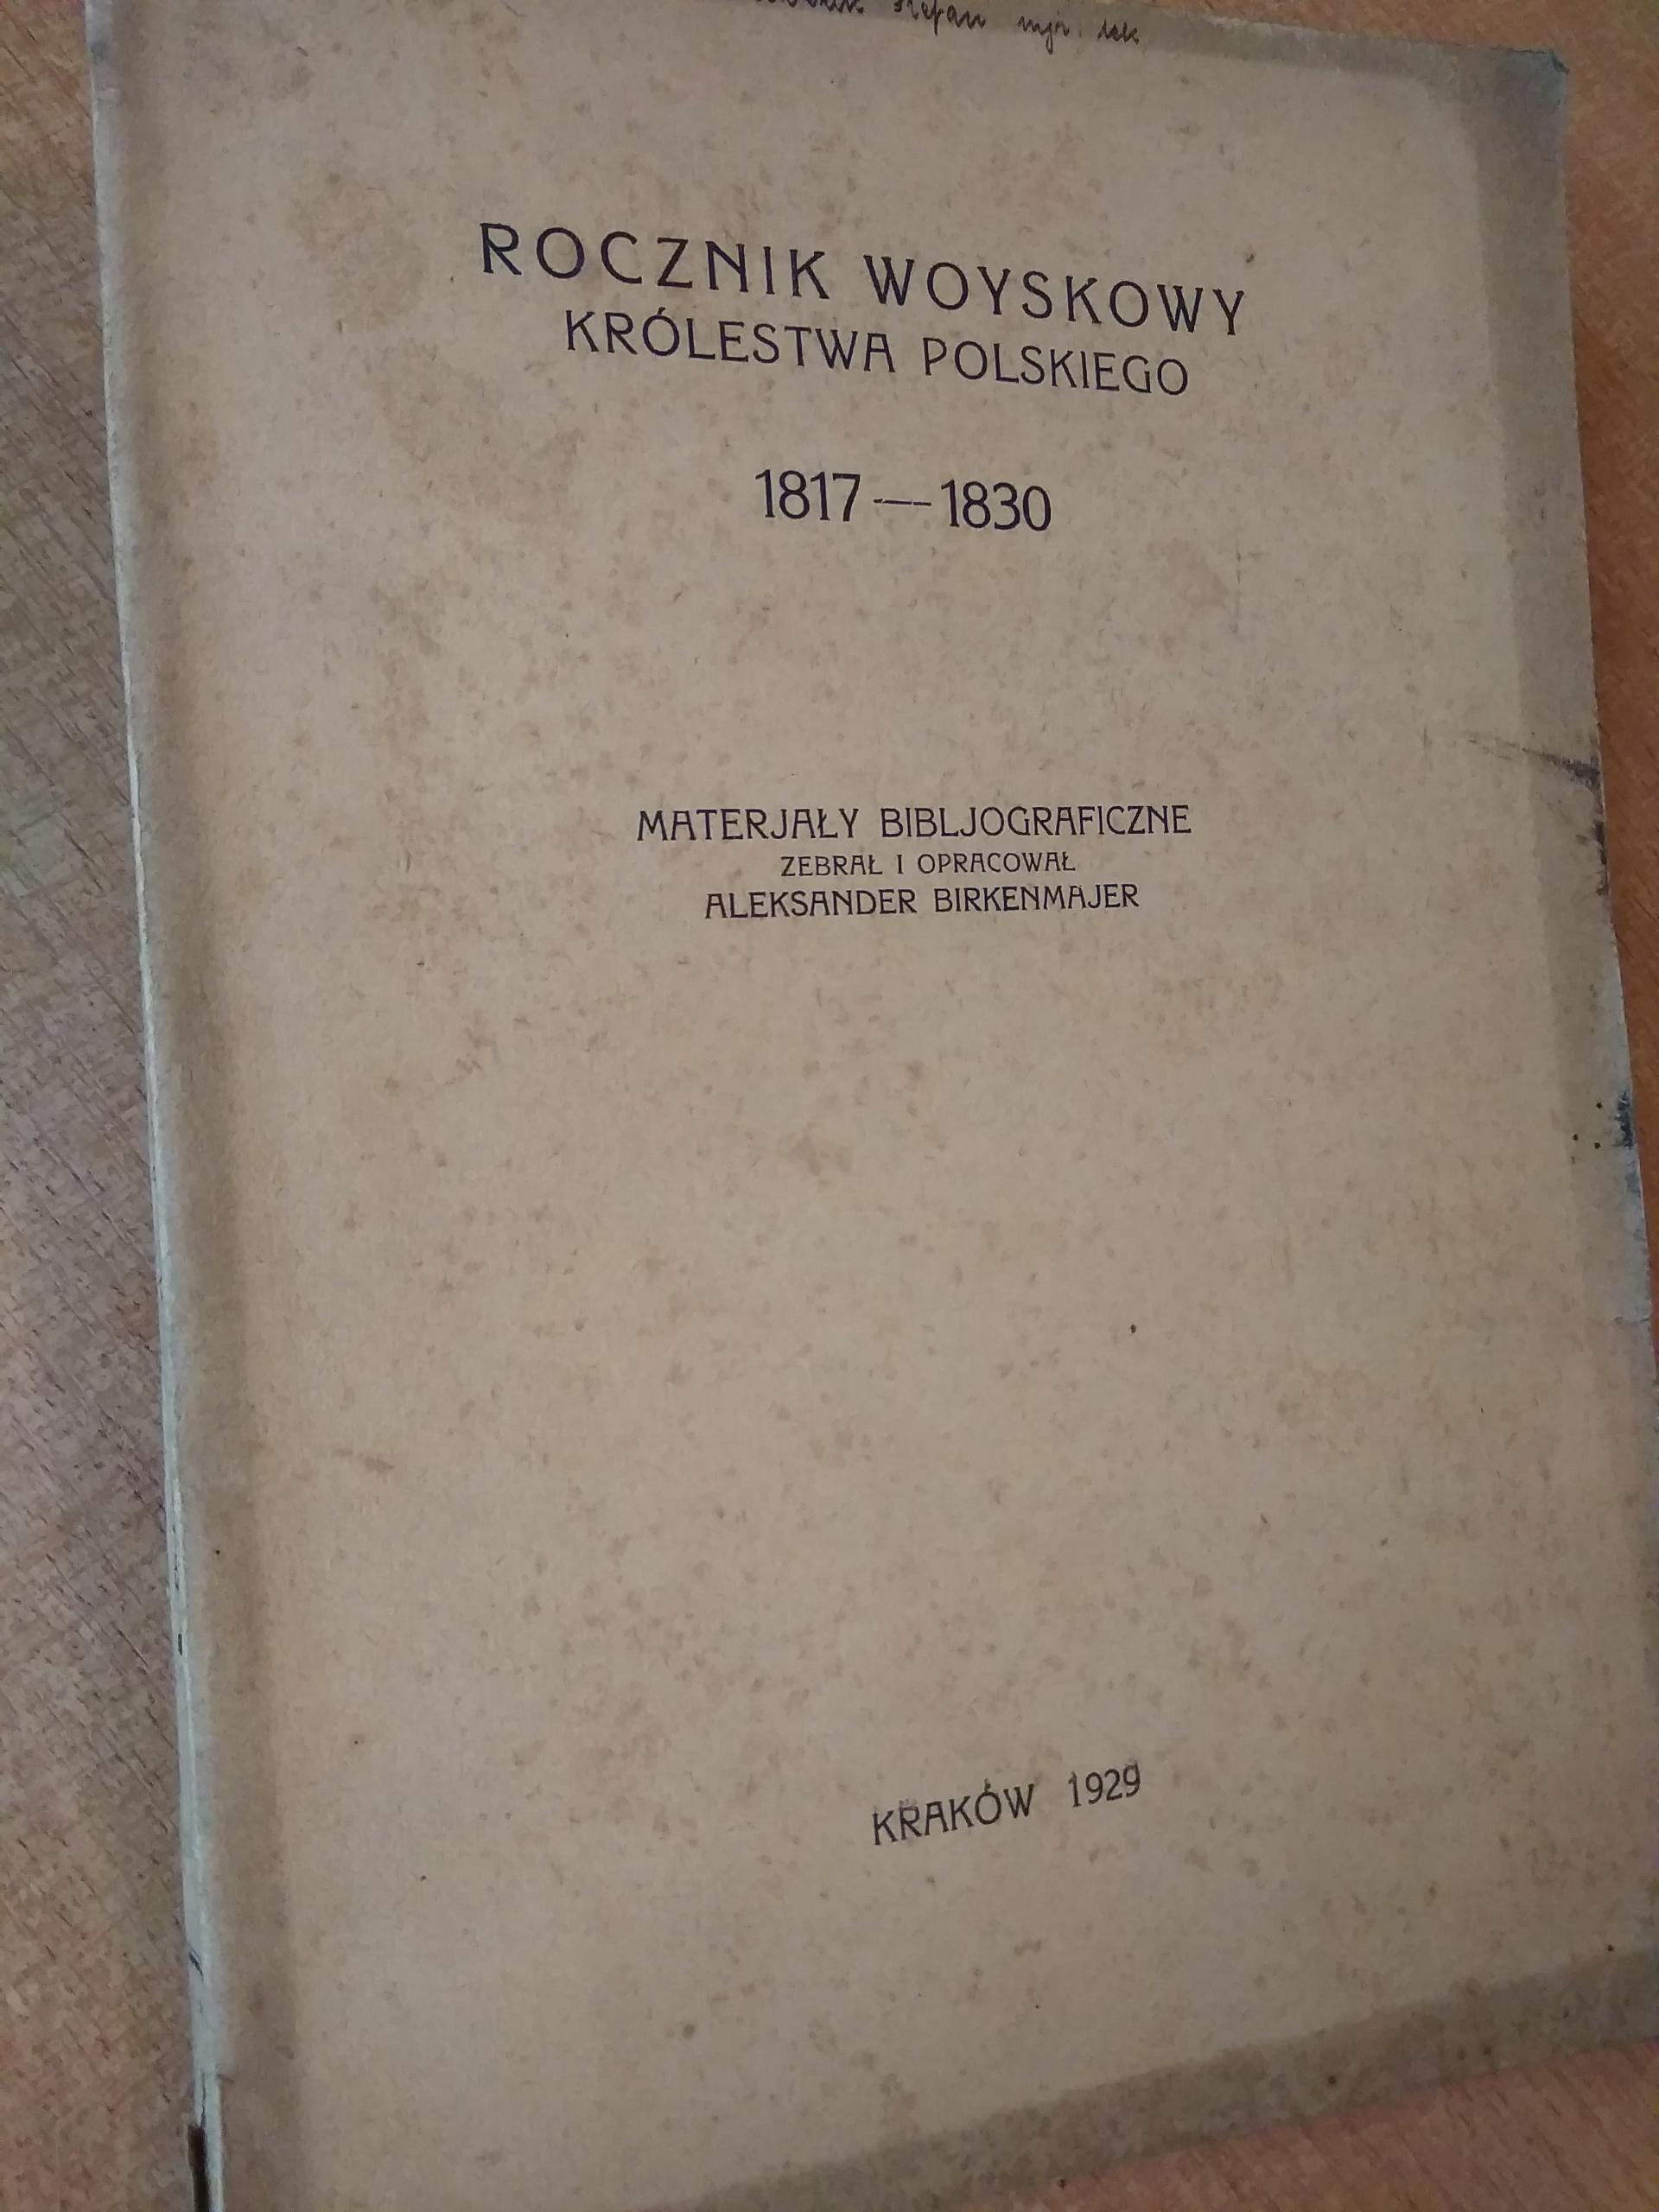 Rocznik Woyskowy Królestwa Polskiego 1817-1830